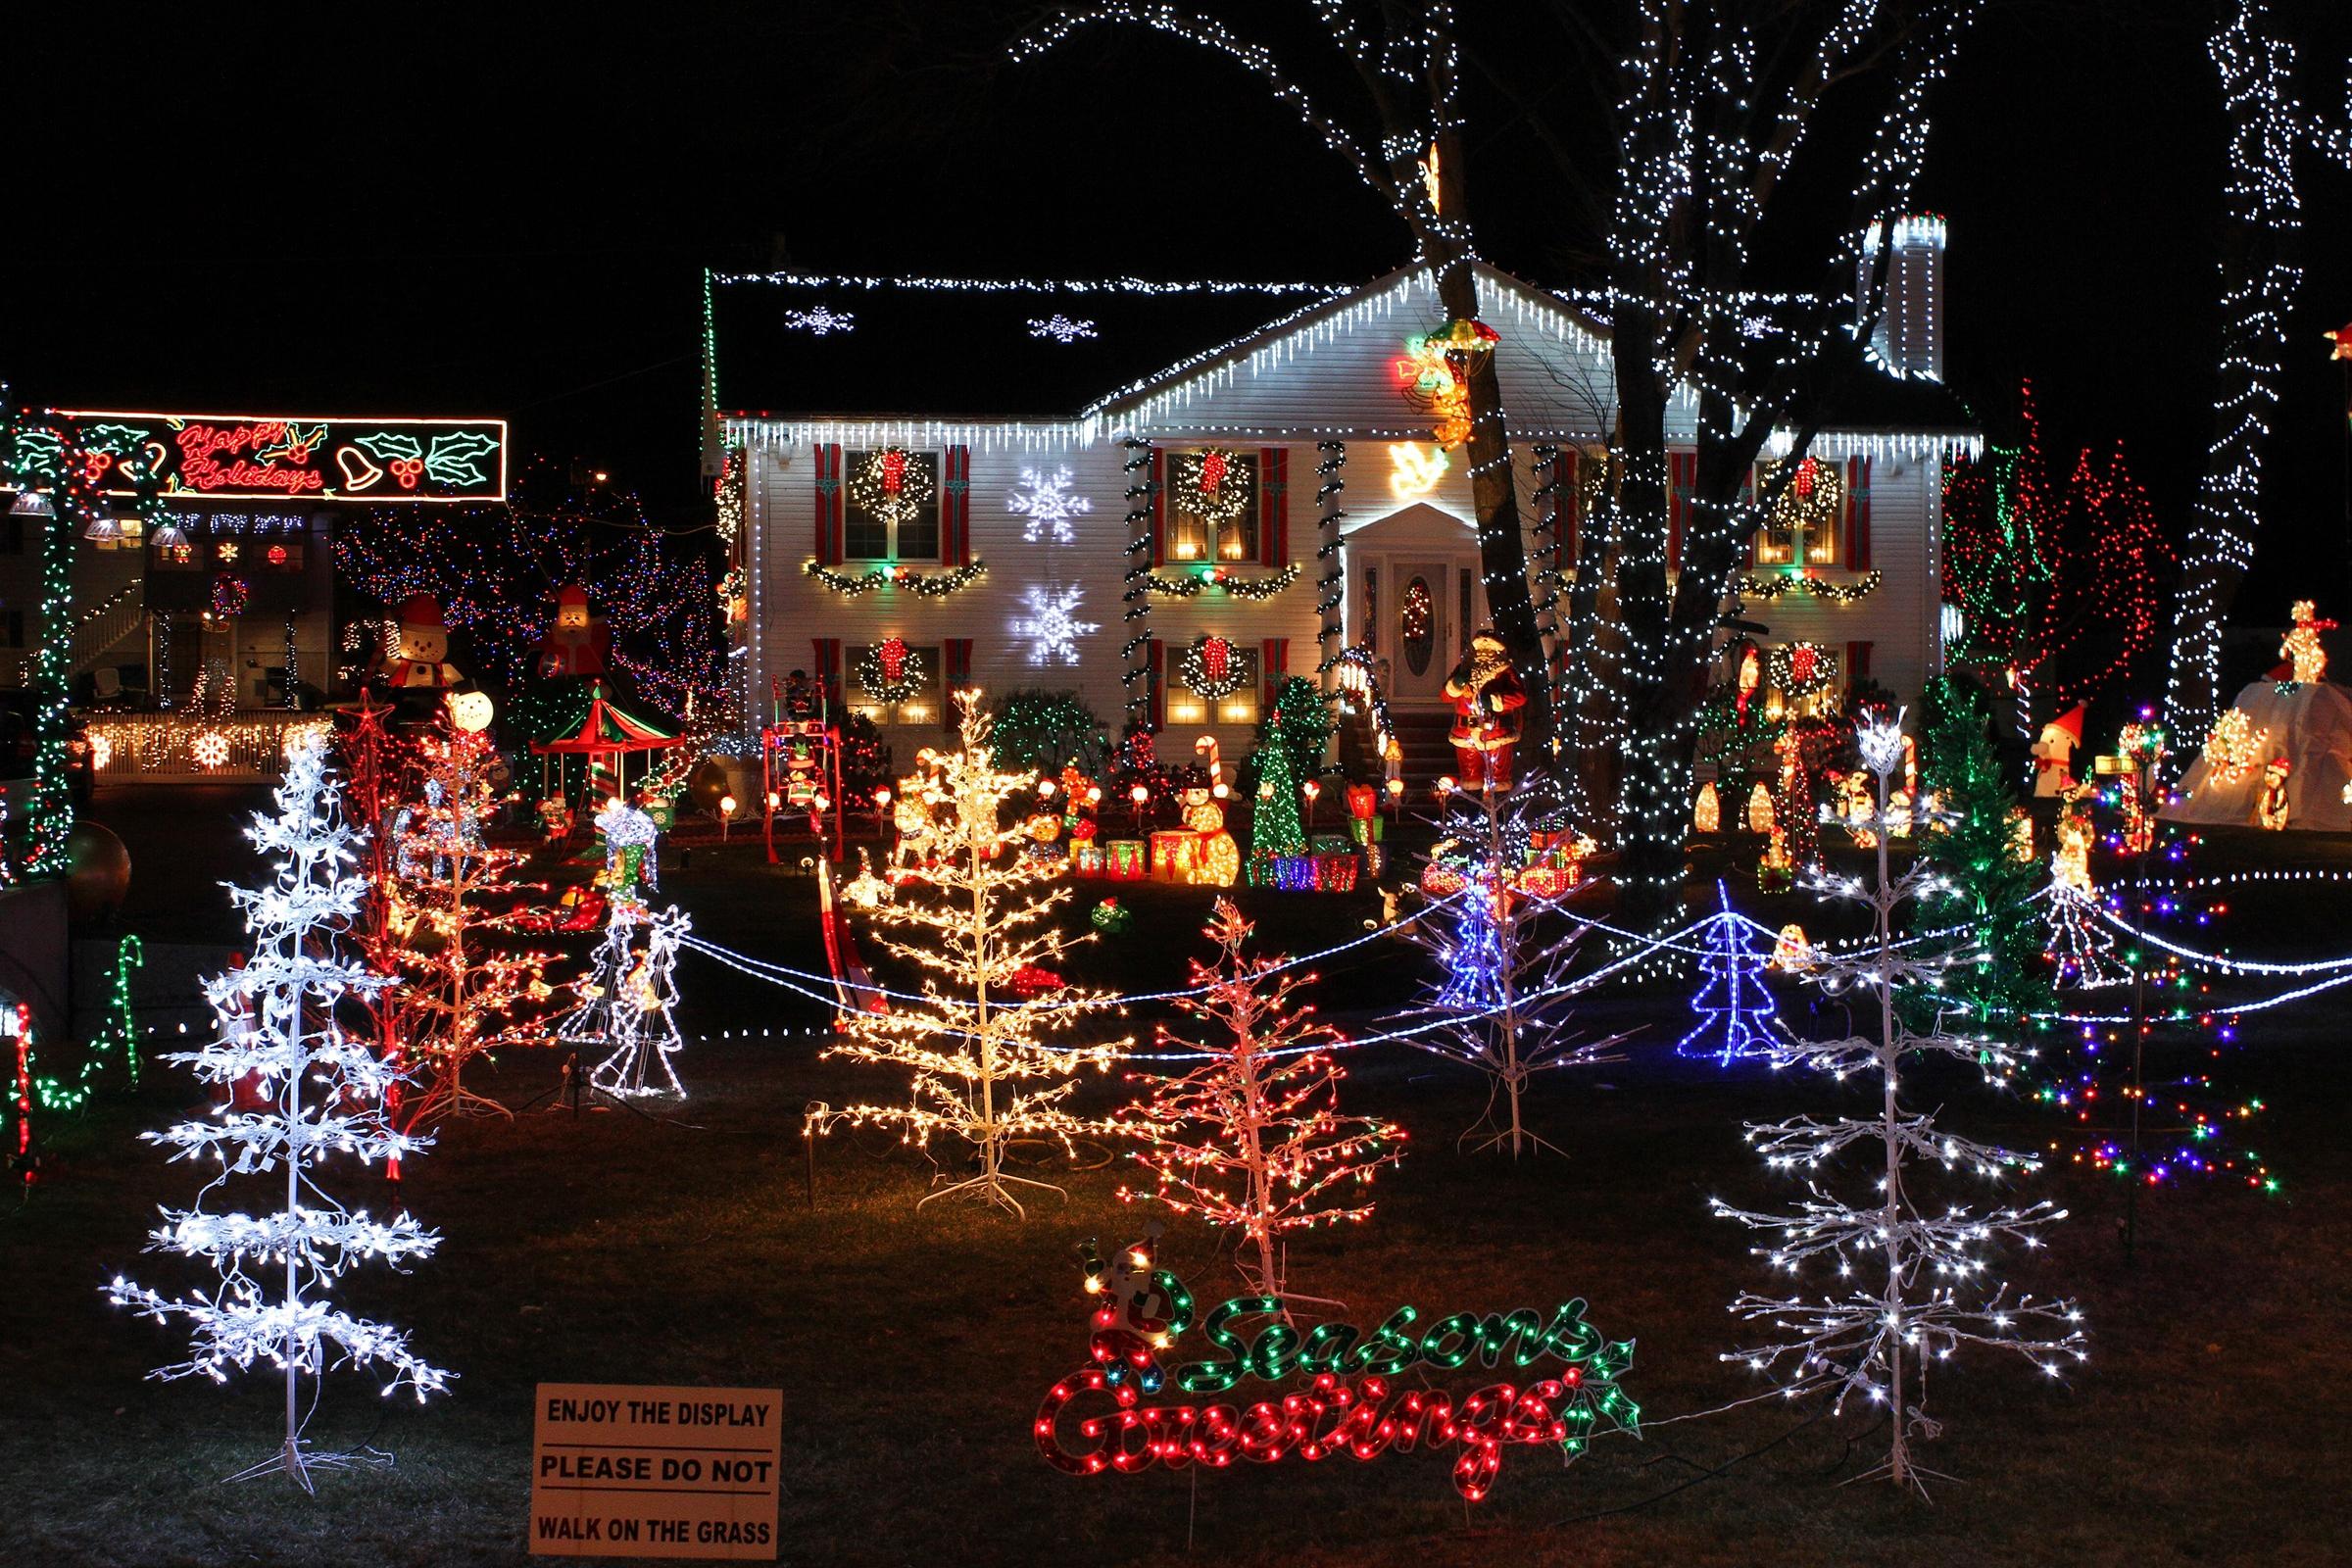 Christmas_Lights_house_display.JPG